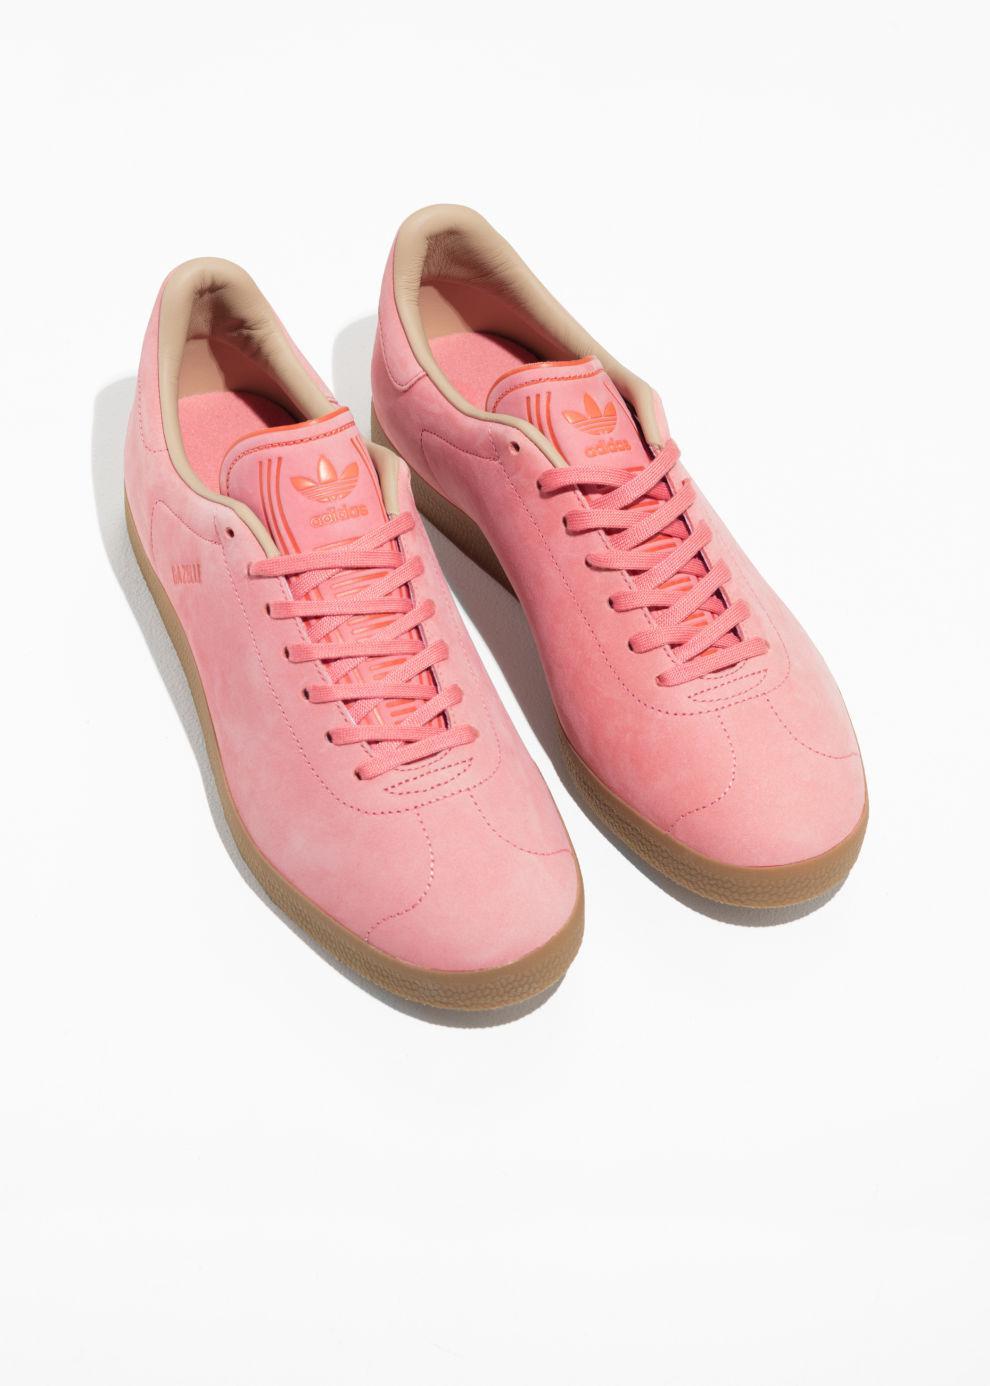 lyst & altre storie adidas gazzella decontaminazione in rosa